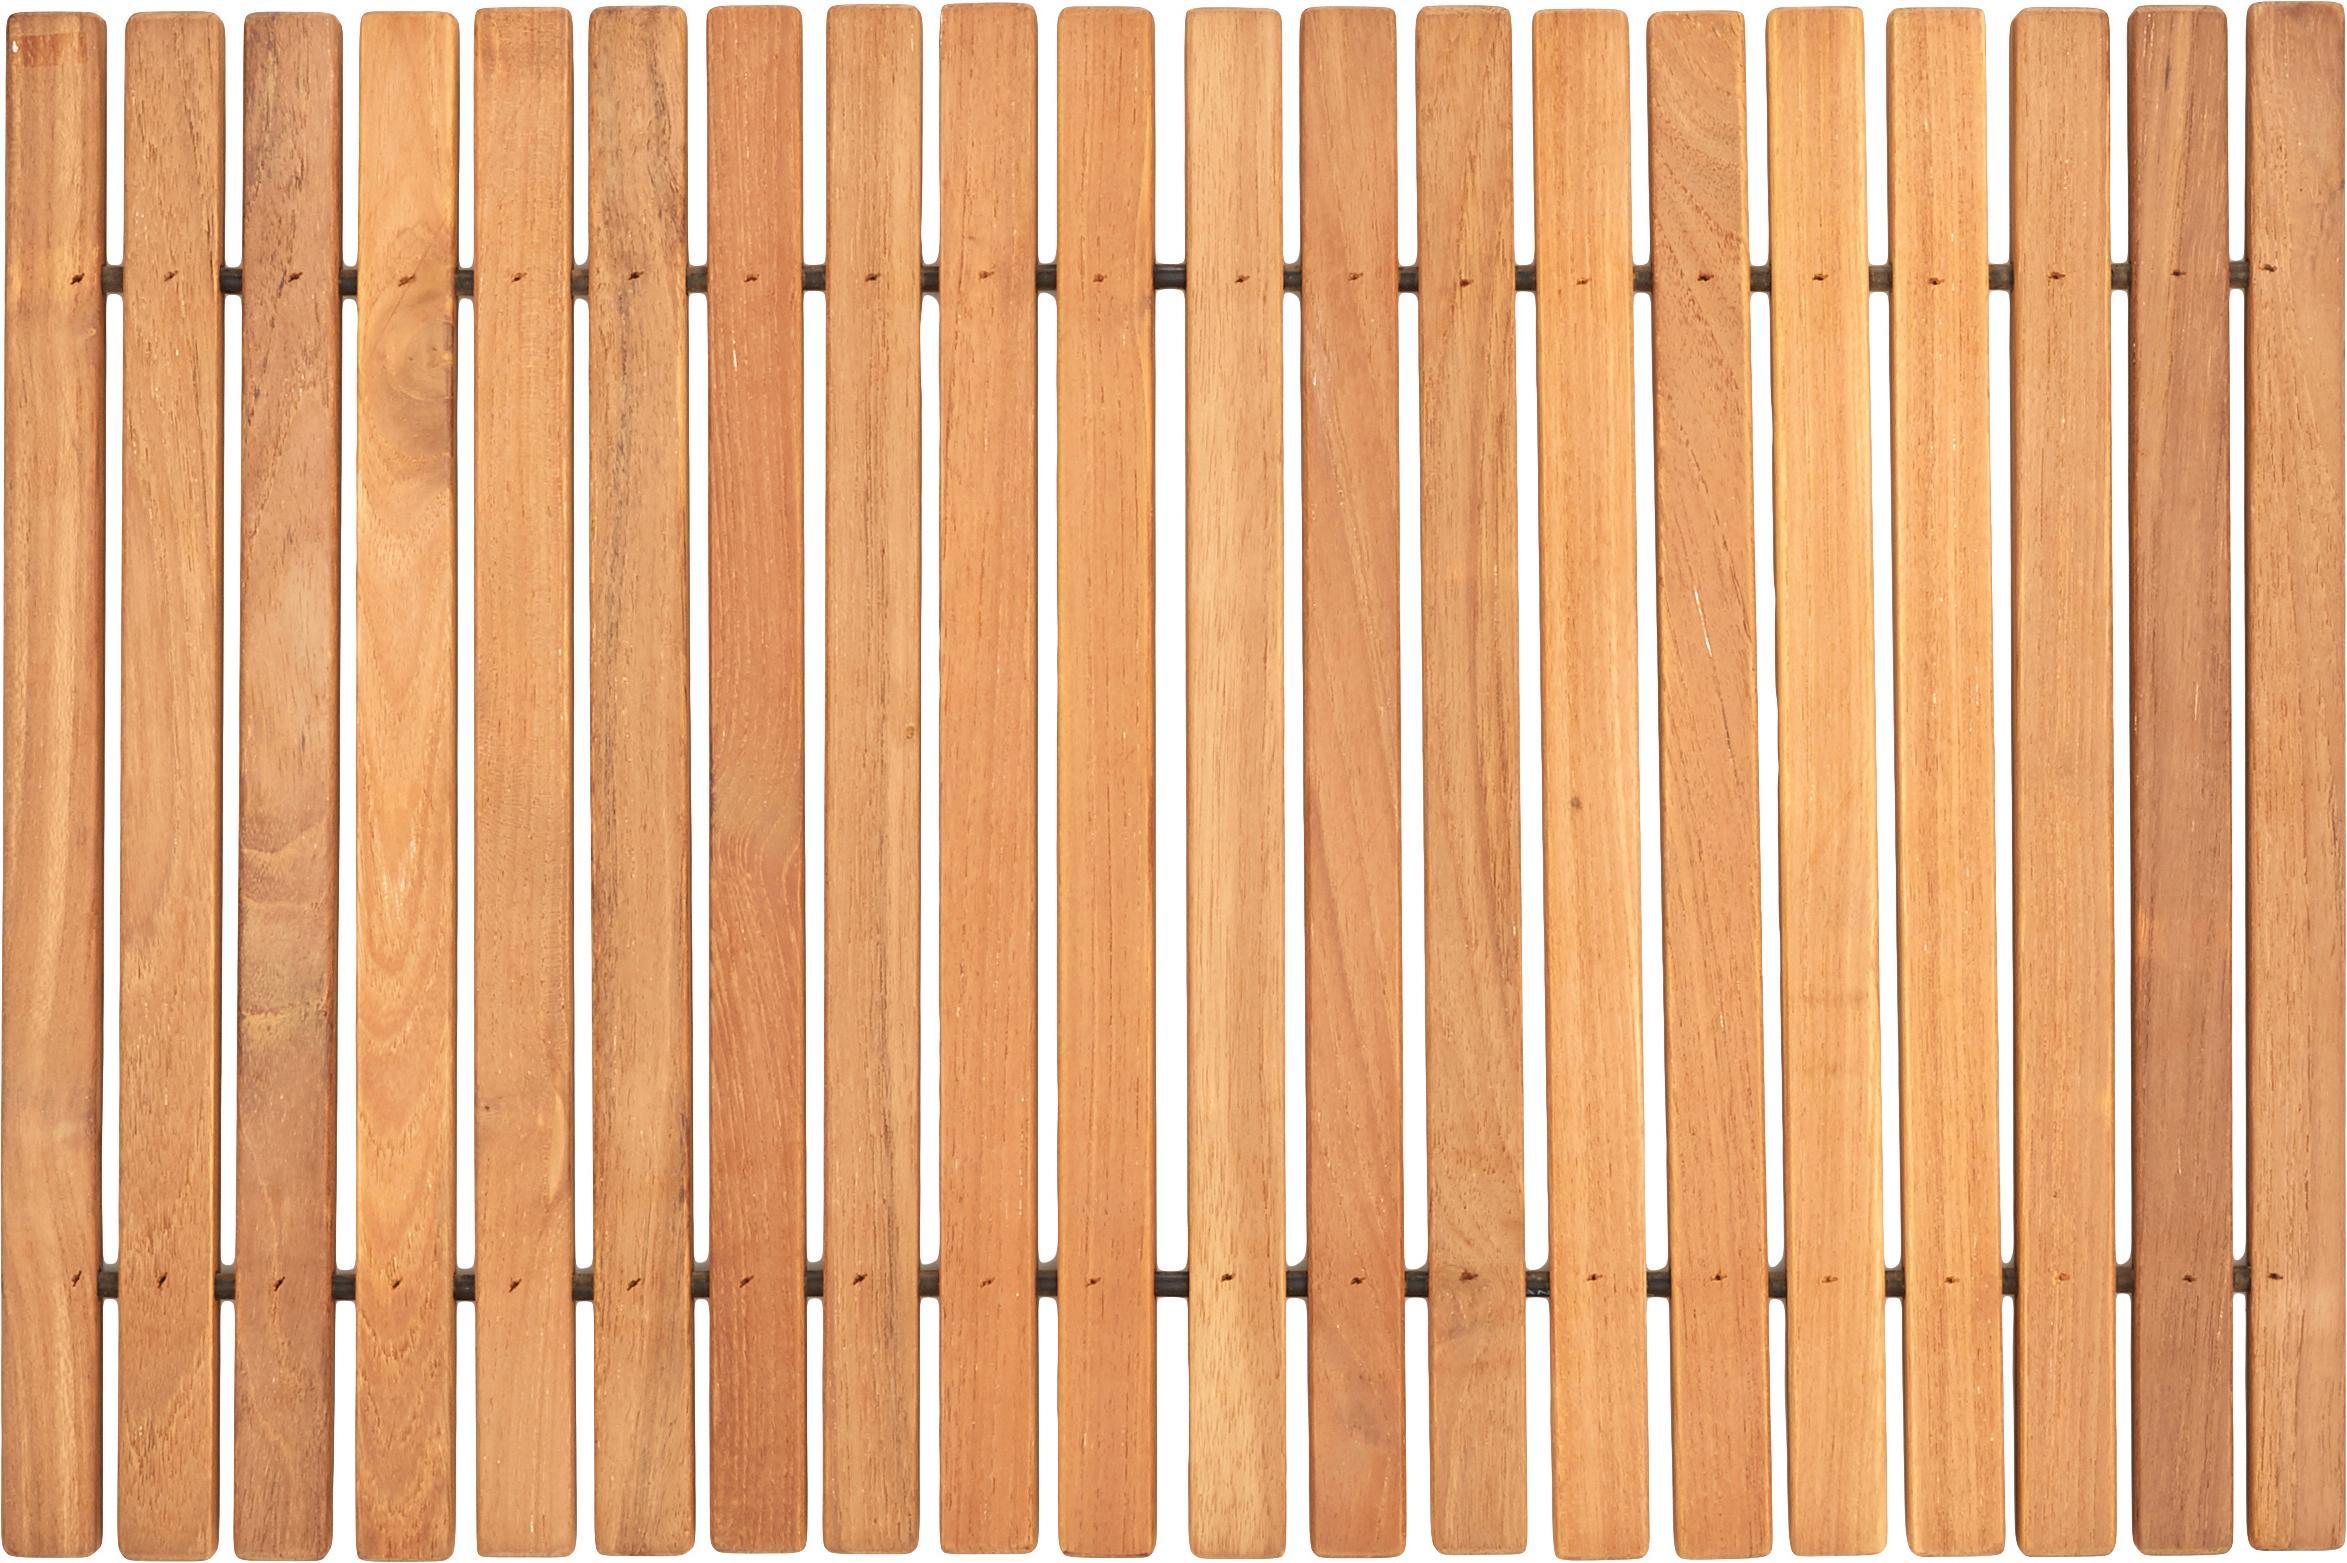 Alfombrilla de baño de madera Anna, Madera de teca Este producto es madera de teca certificada en Indonesia, principalmente proviene de madera sobrante de la producción de muebles., Marrón, An 40 x L 60 cm